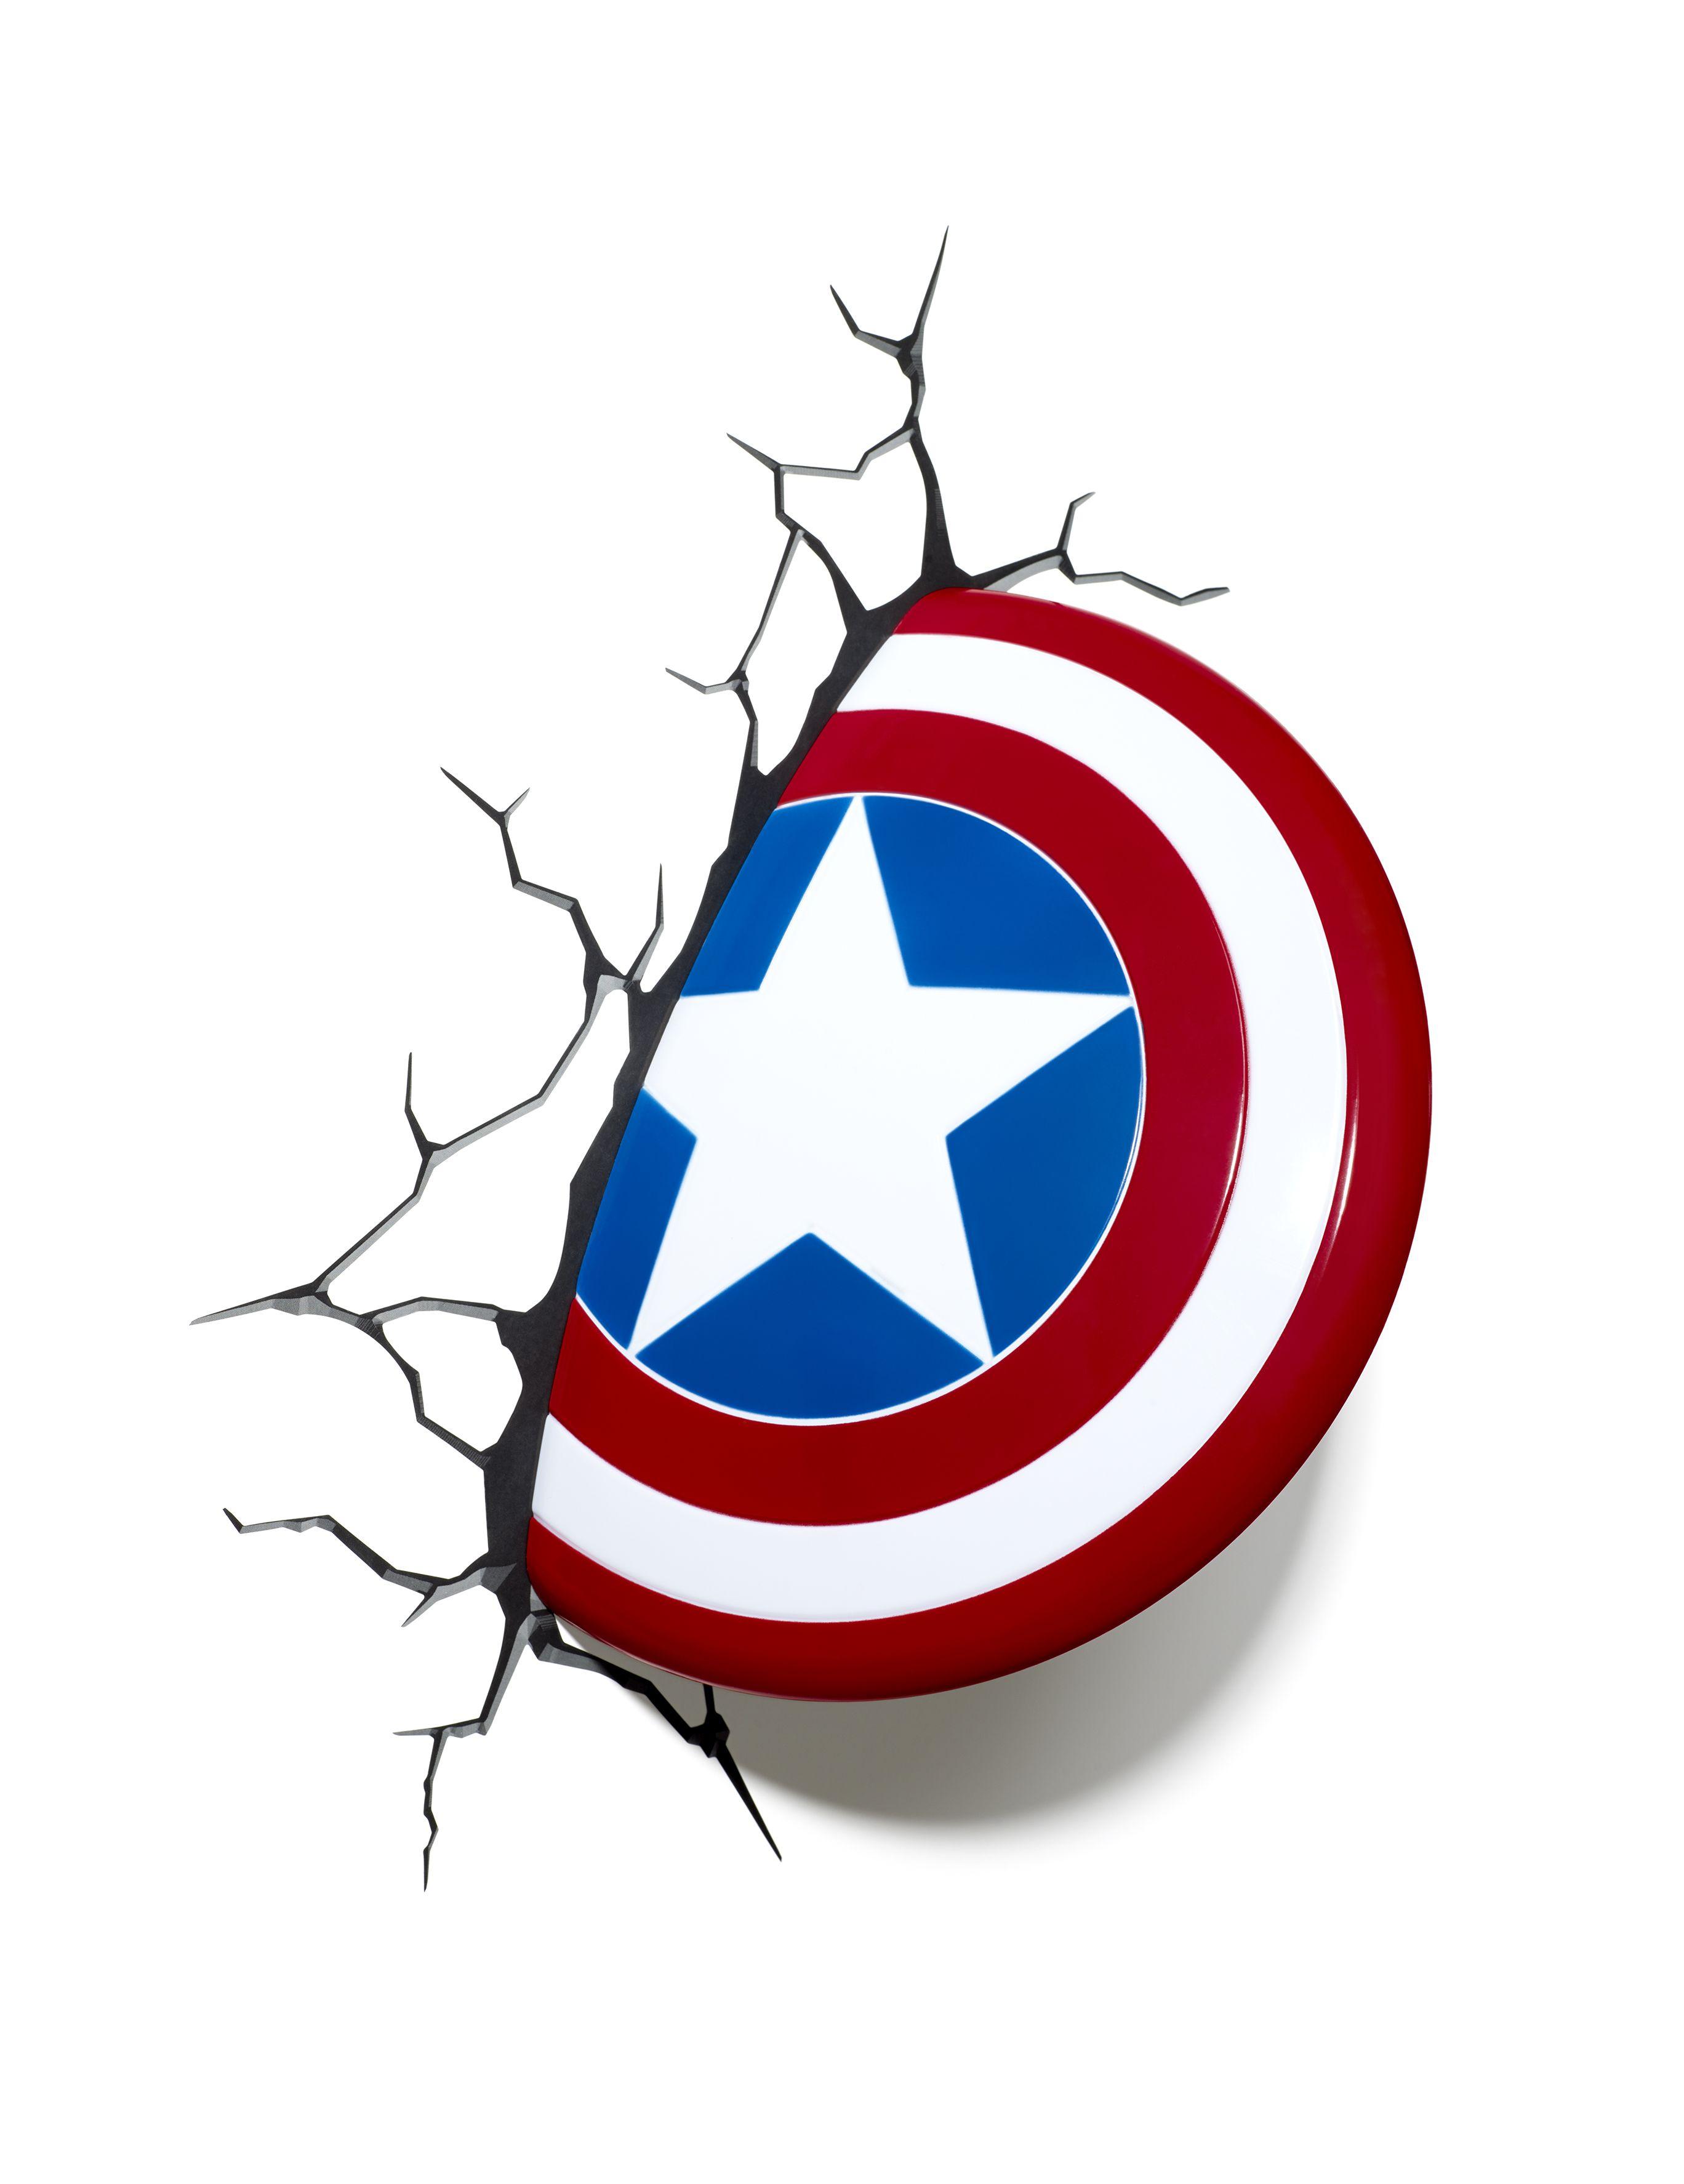 Pin By Kayla Brooke On Marvel Universe - Pinterest -